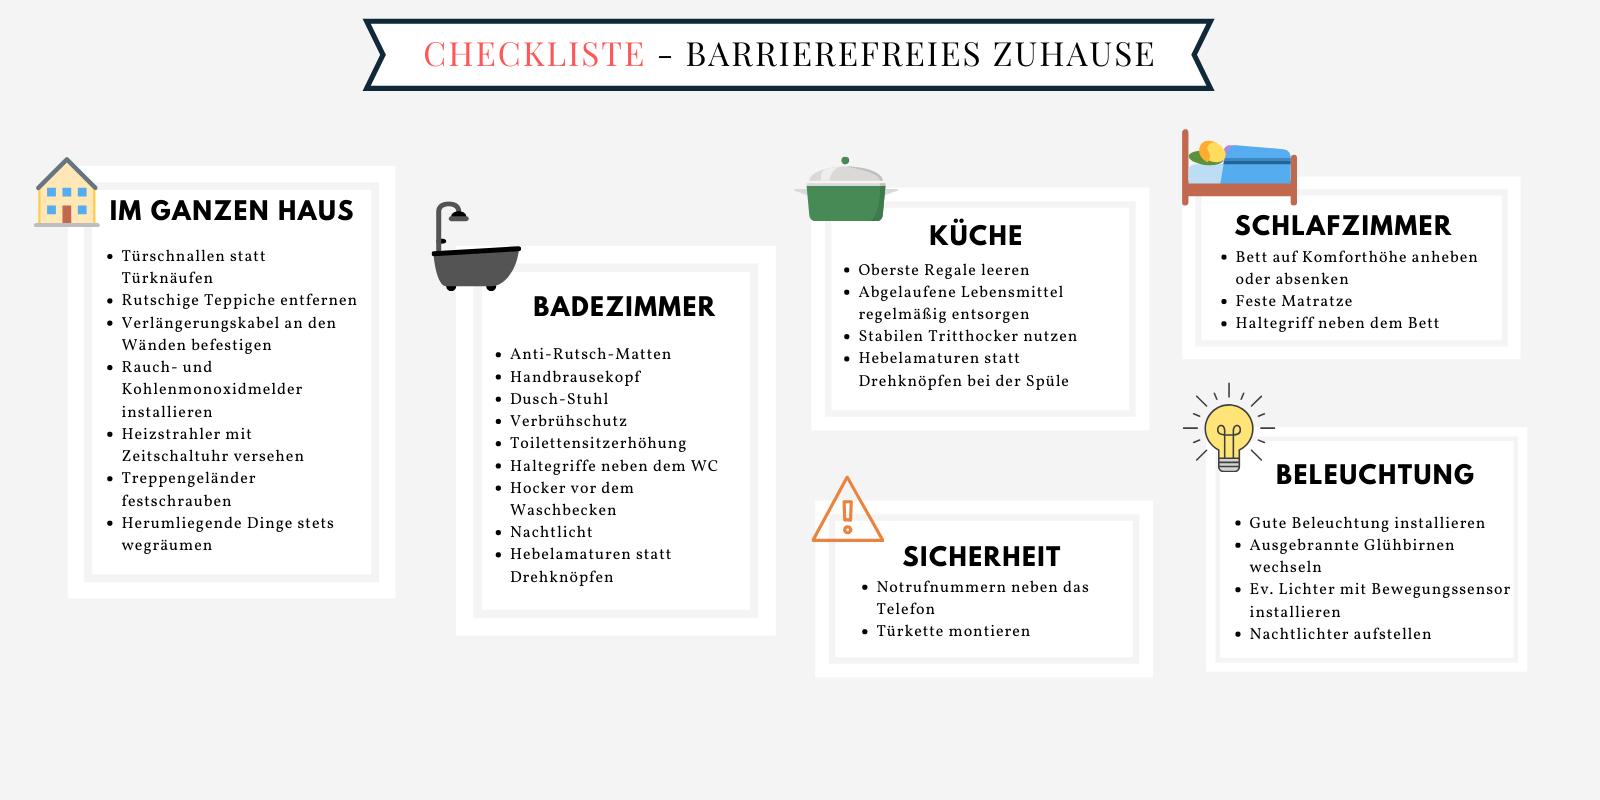 Barrierefrei_Checkliste